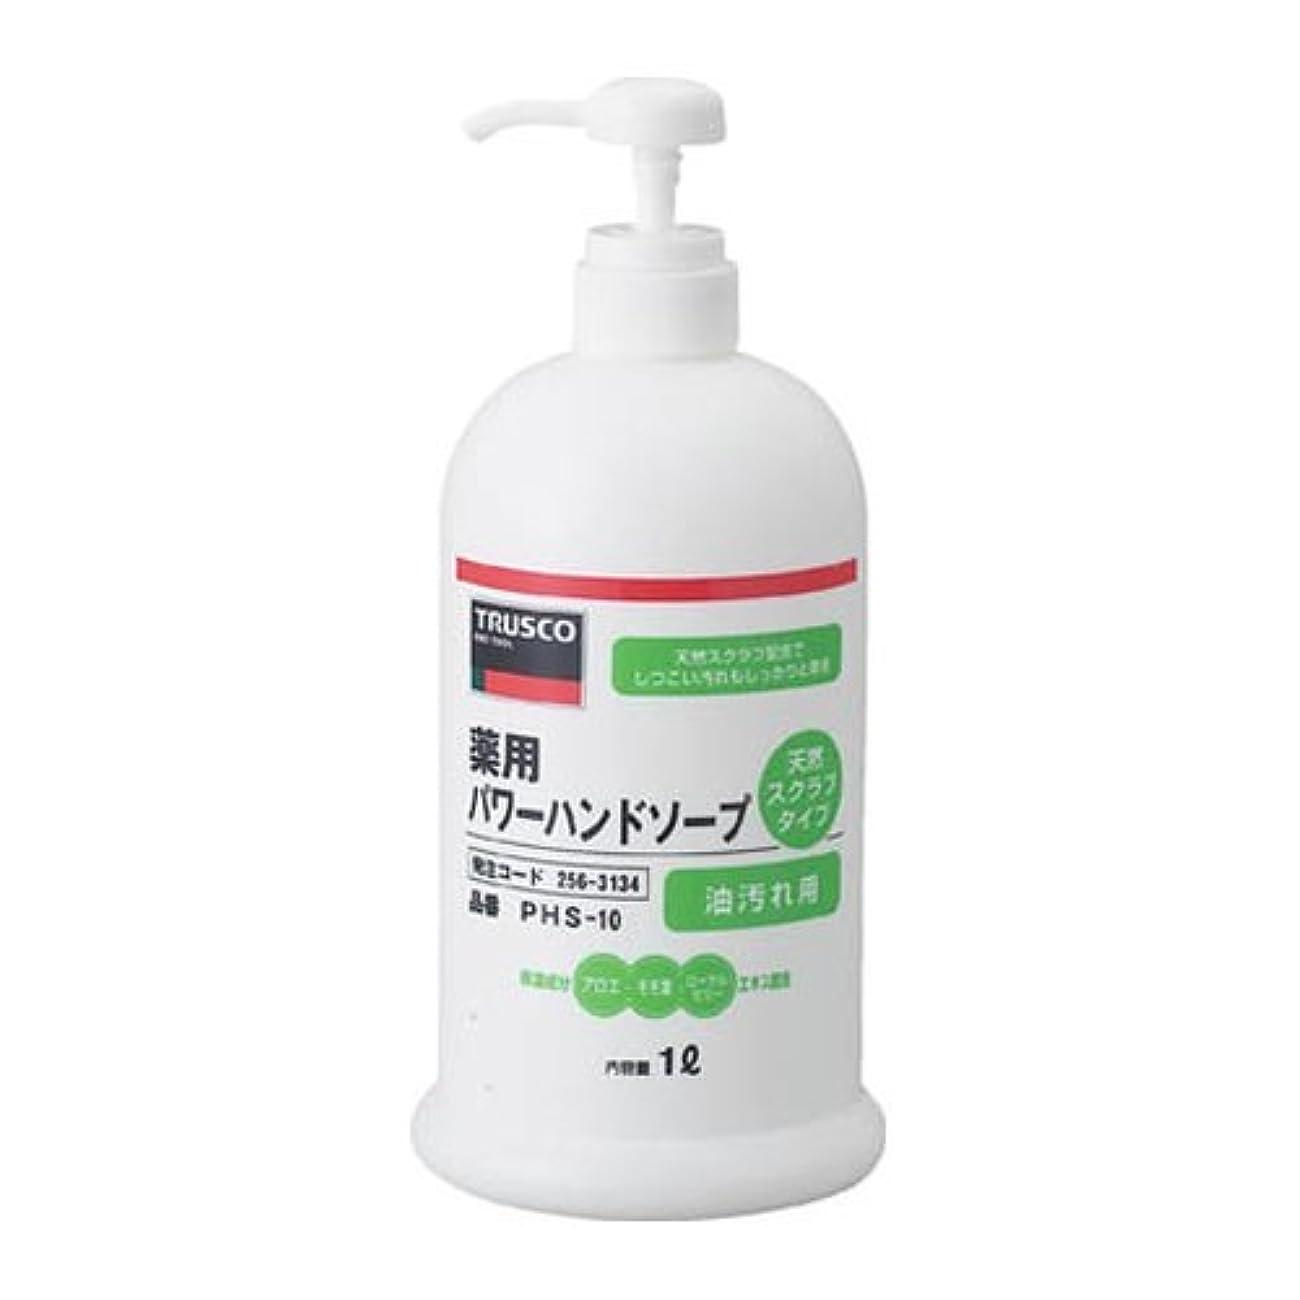 強います模索土器TRUSCO 薬用パワーハンドソープポンプボトル1.0L